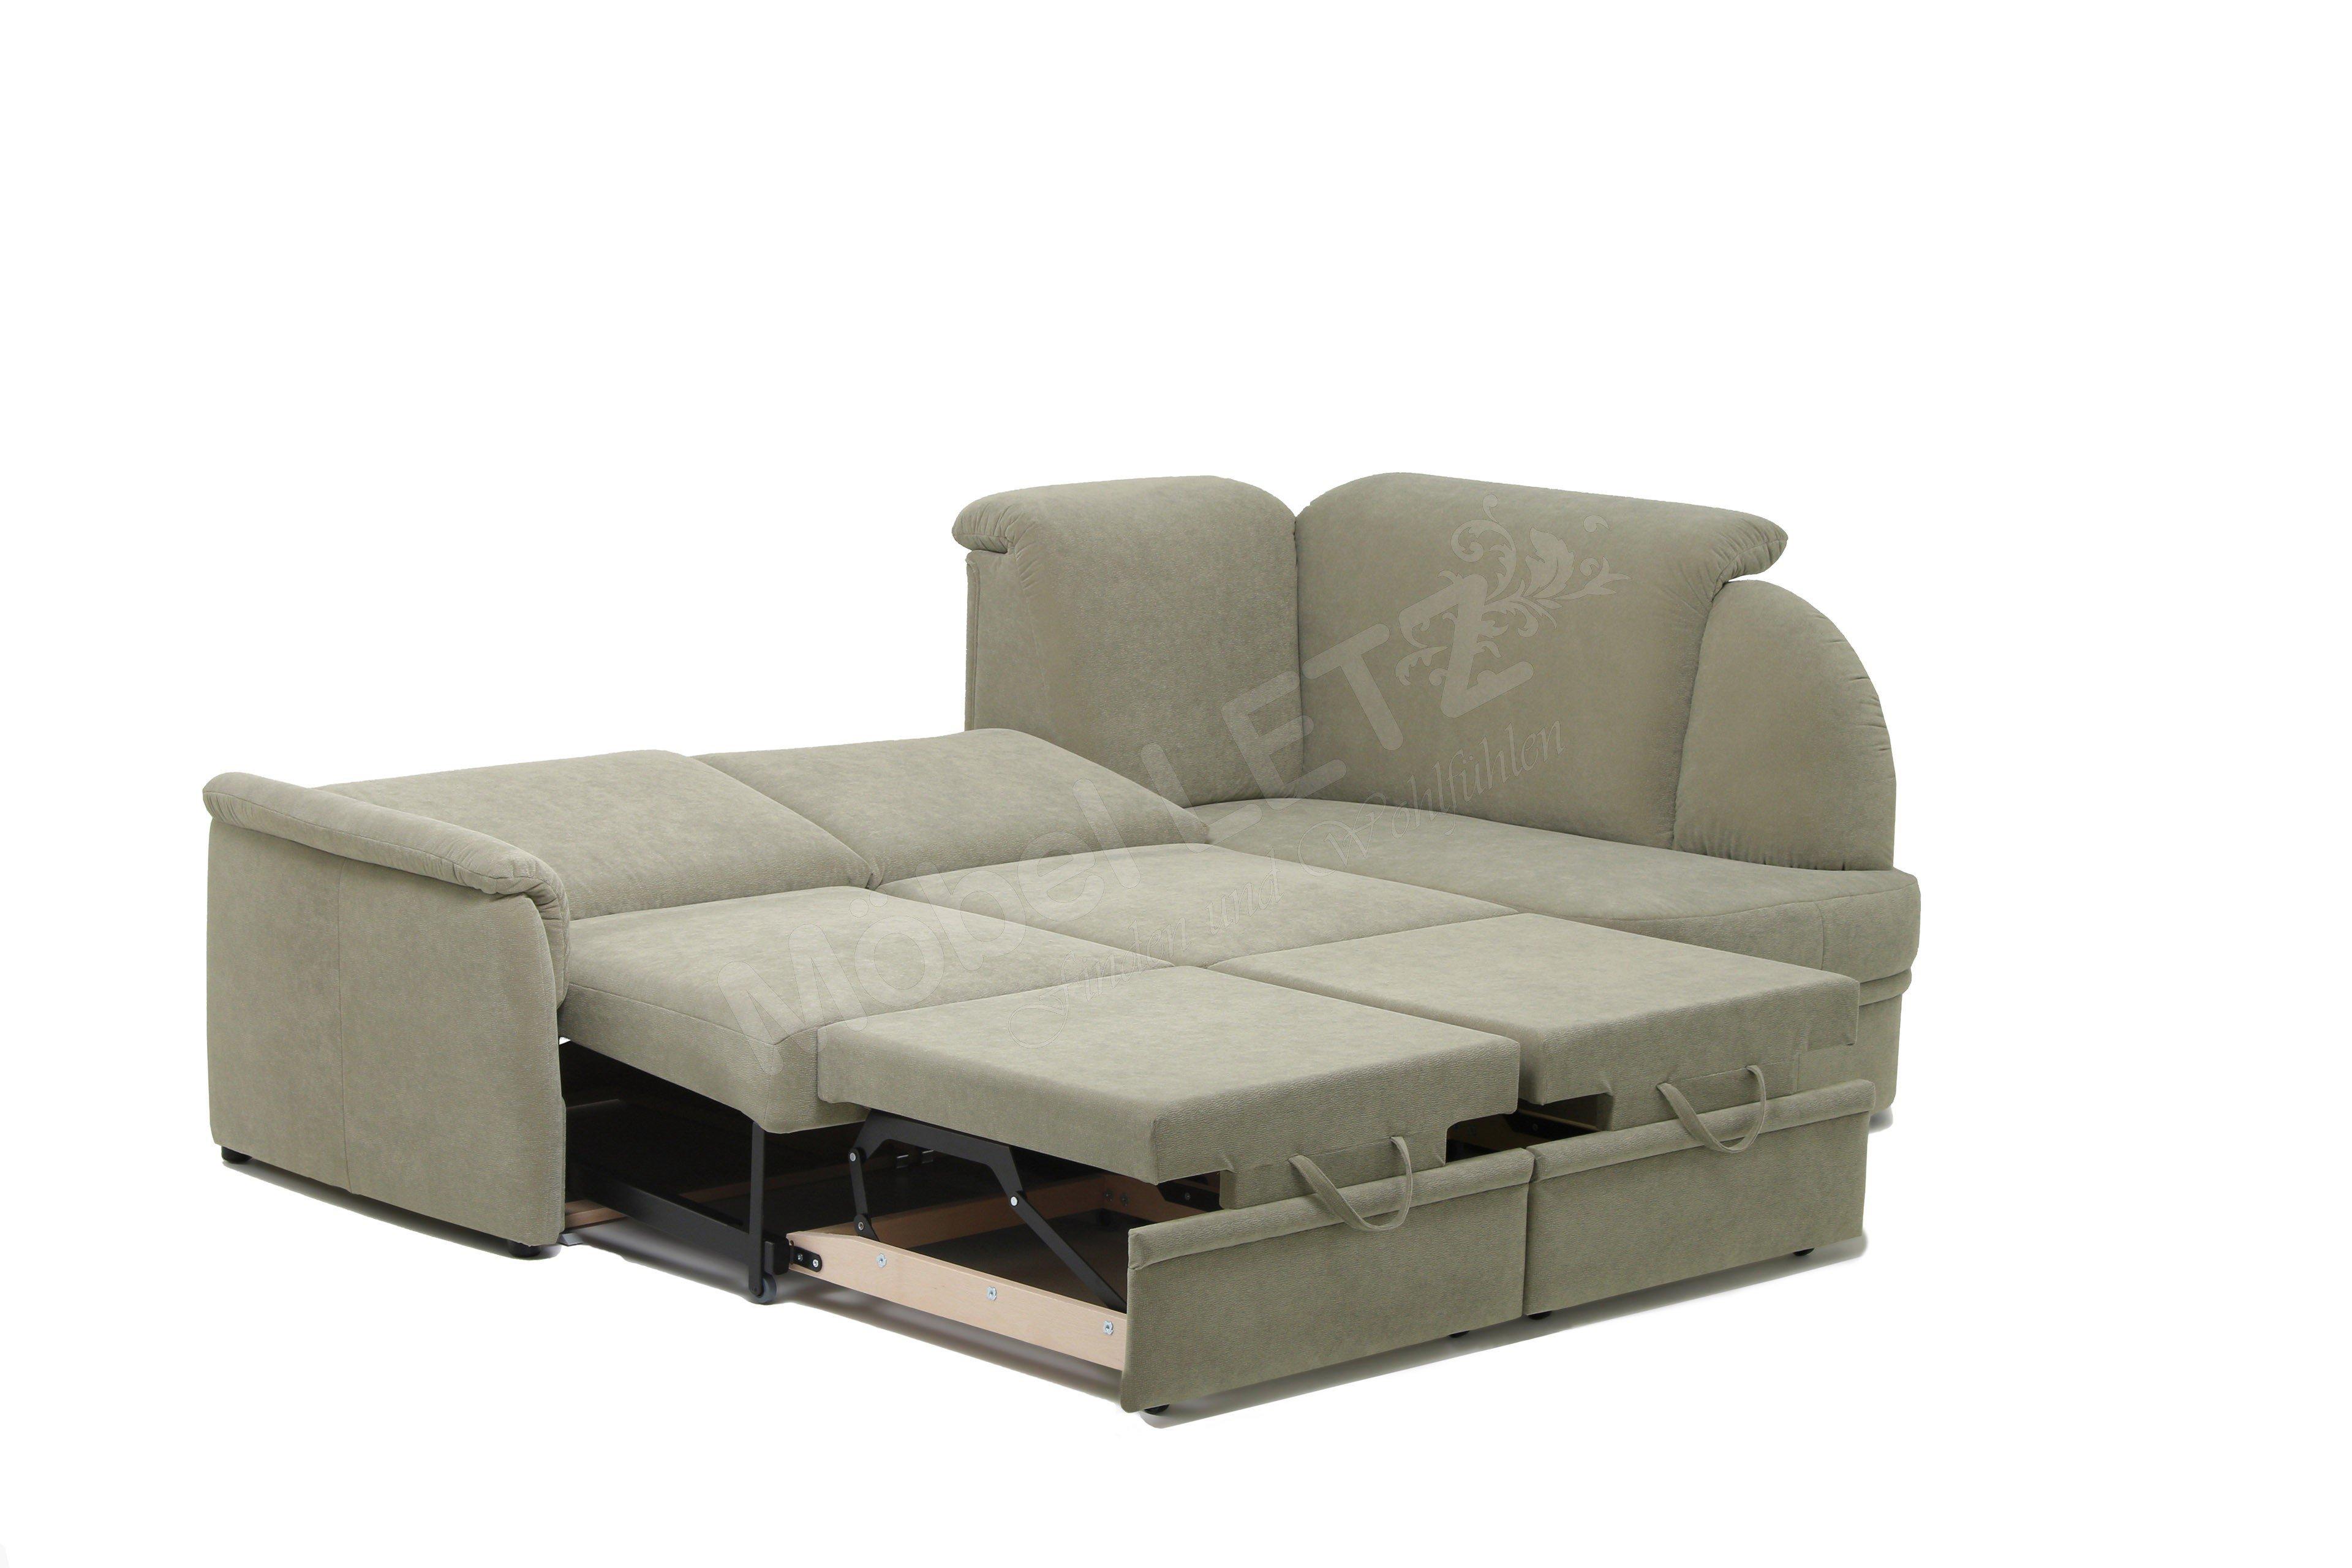 niedlich dietsch polstermobel fabrikverkauf ideen die besten einrichtungsideen. Black Bedroom Furniture Sets. Home Design Ideas